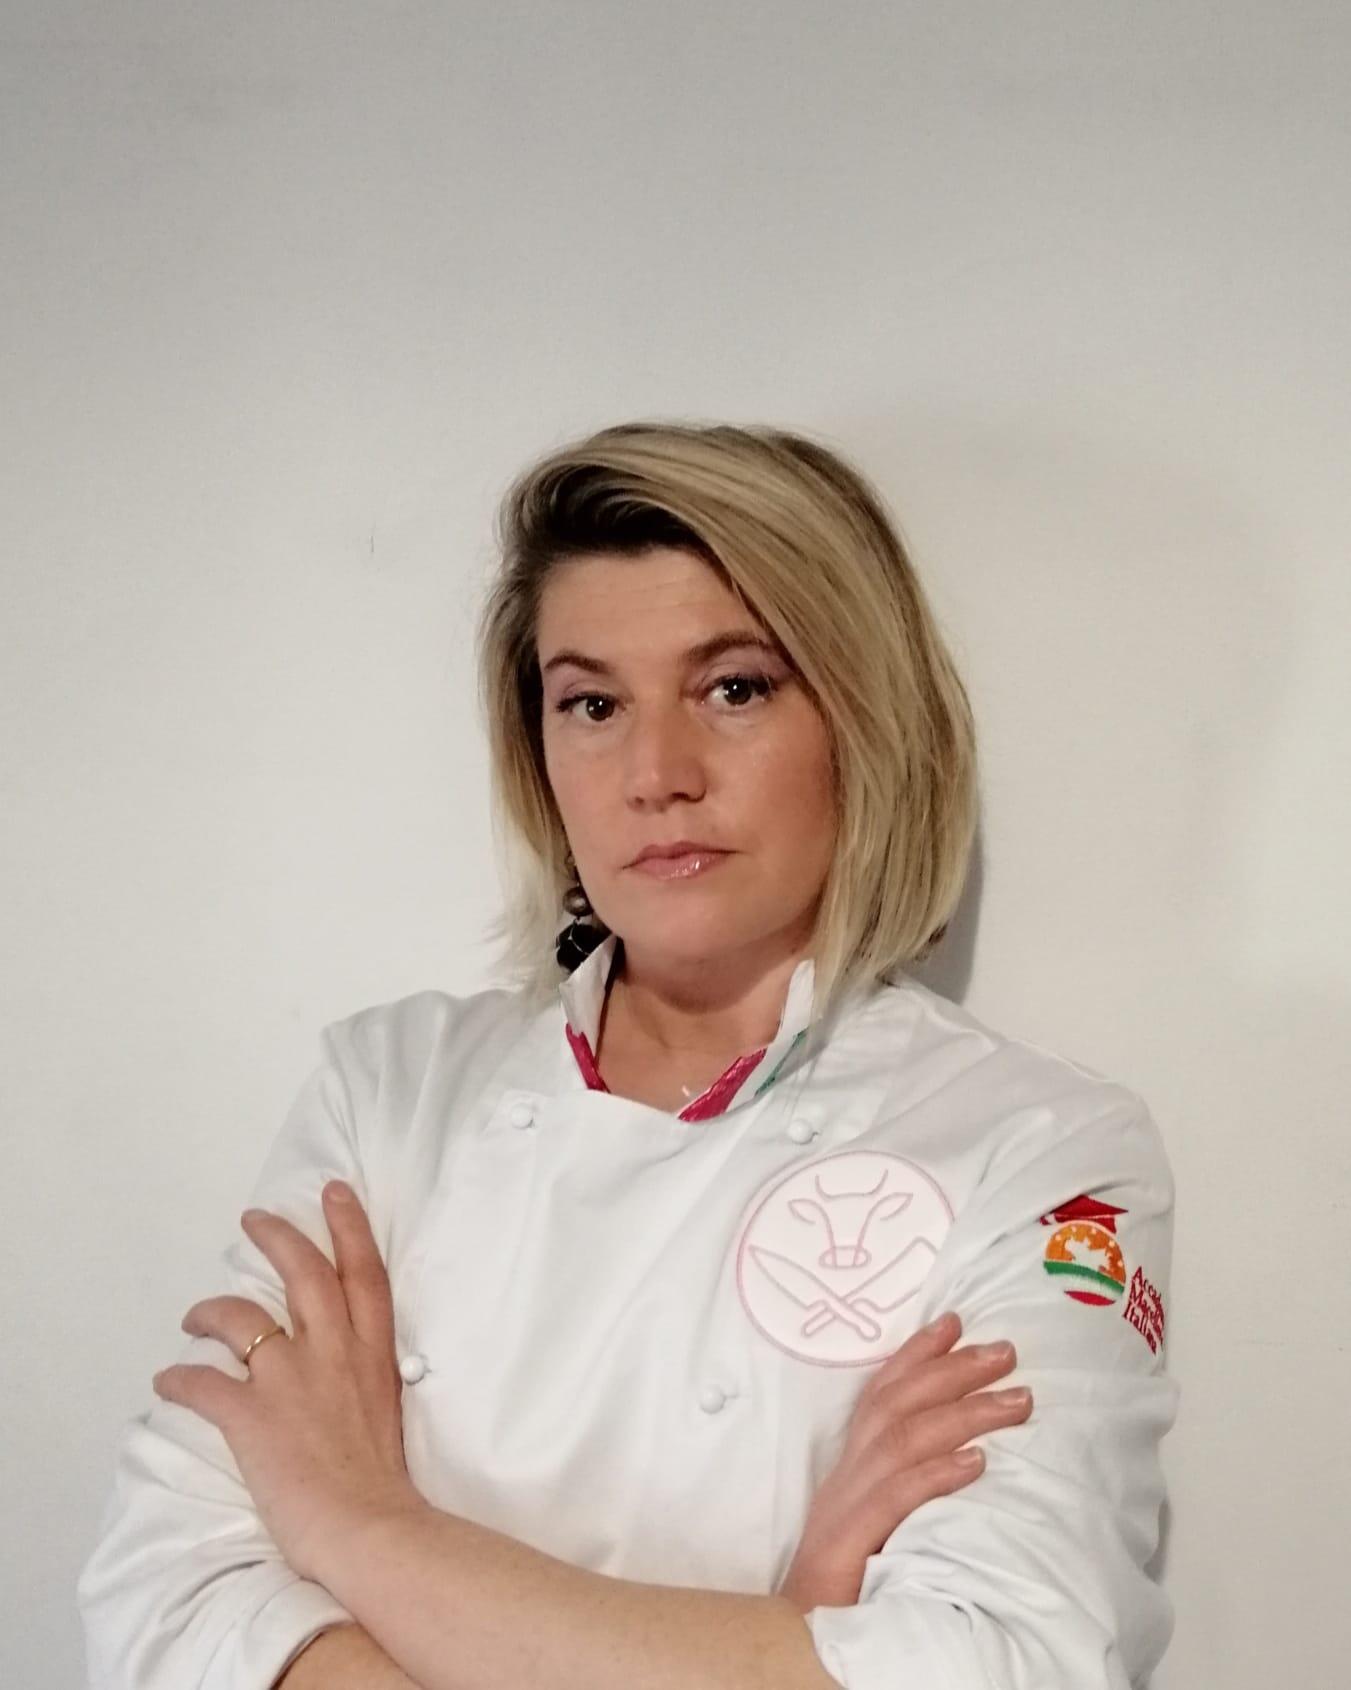 Coltelli Rosa : Monica Gallo